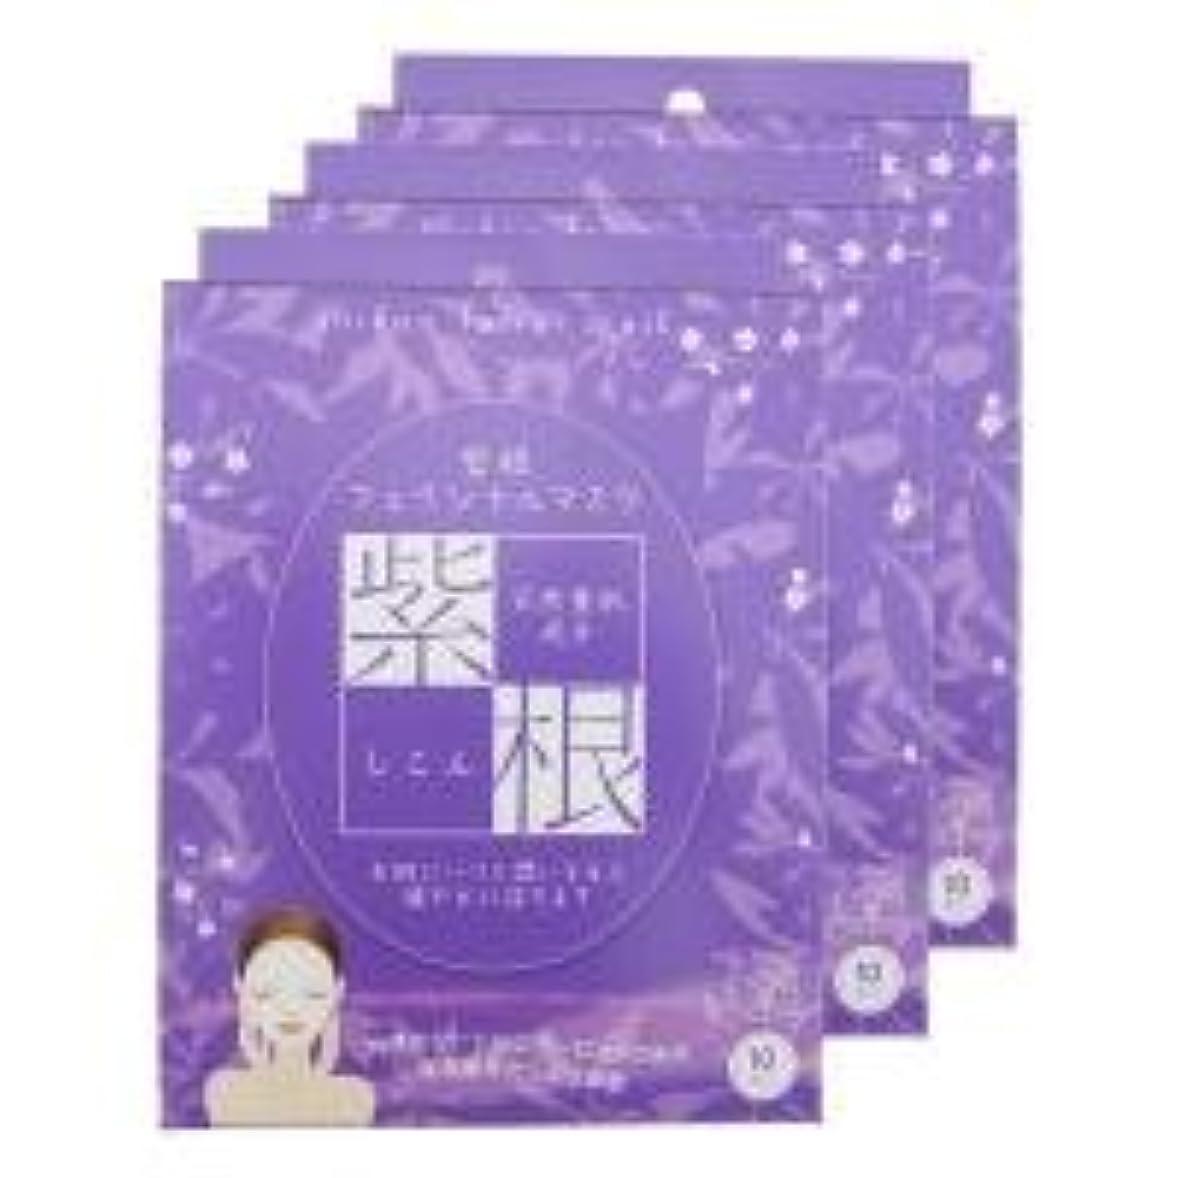 報告書奇跡的な引退する紫根フェイシャルマスク(10枚入り)×3セット